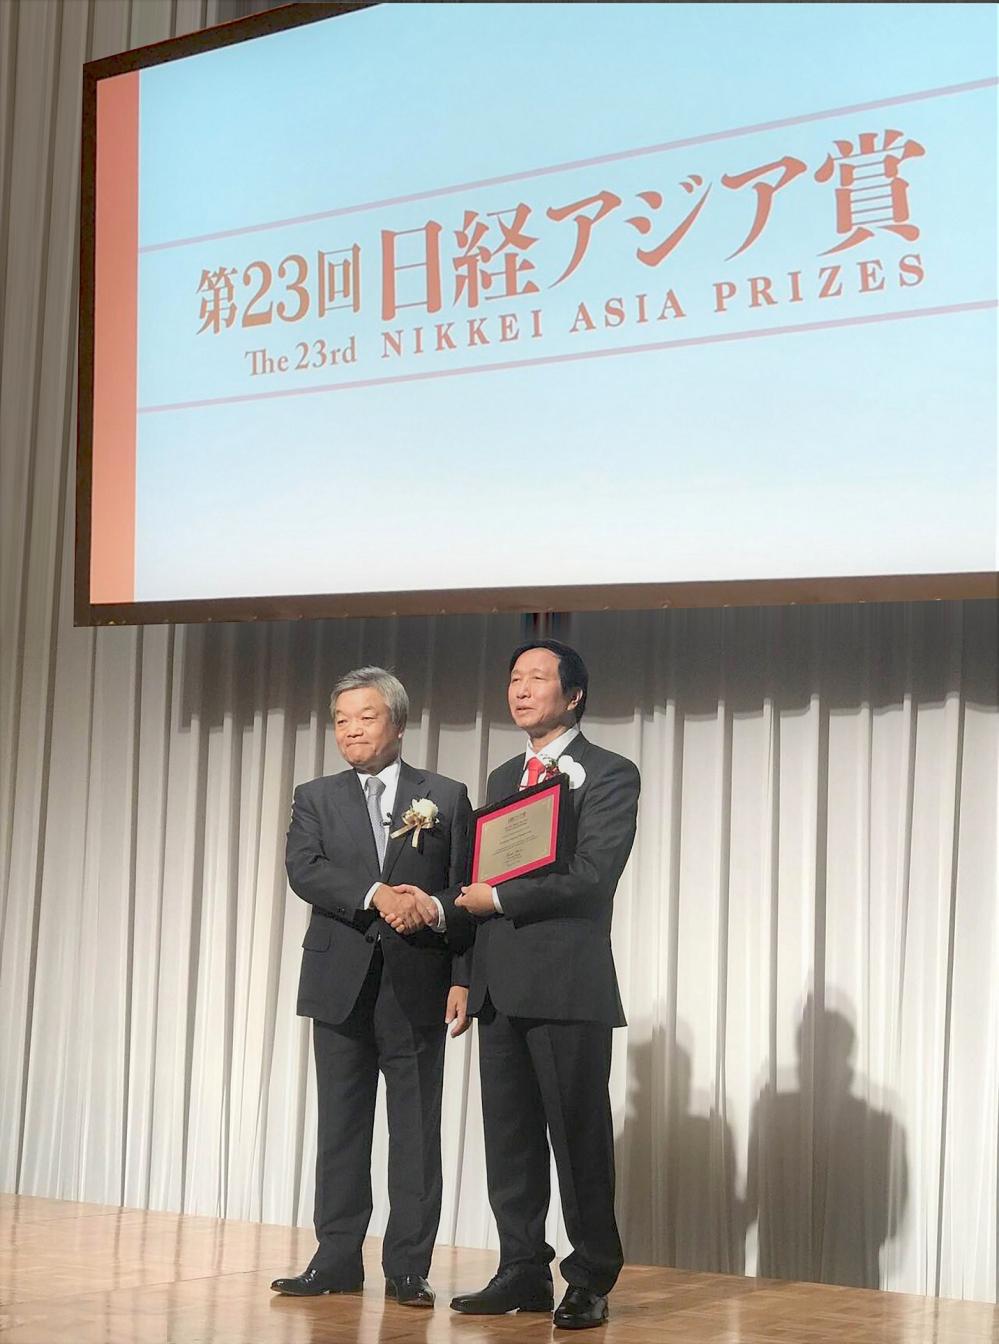 Giáo sư - Tiến sĩ Nguyễn Thanh Liêm - bác sĩ Việt Nam đầu tiên được vinh danh tại giải thưởng Nikkei châu Á (Thời sự đêm 13/6/2018)